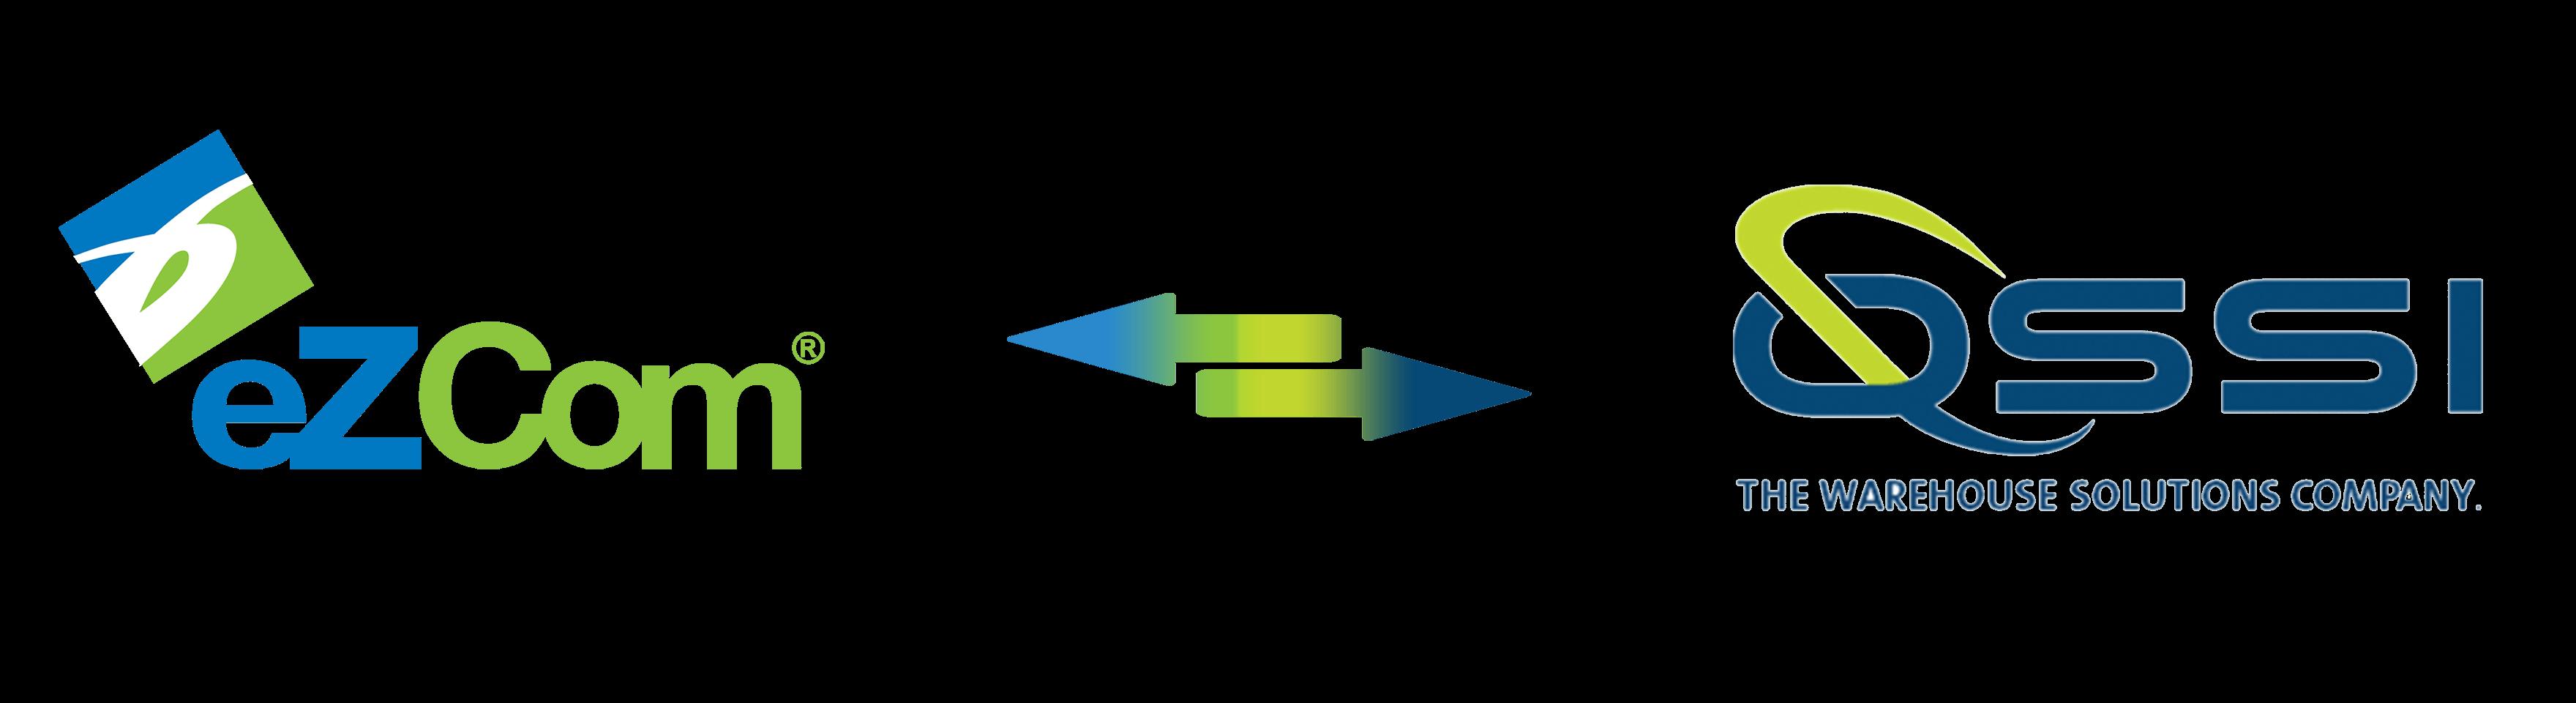 eZCom integrates with QSSI